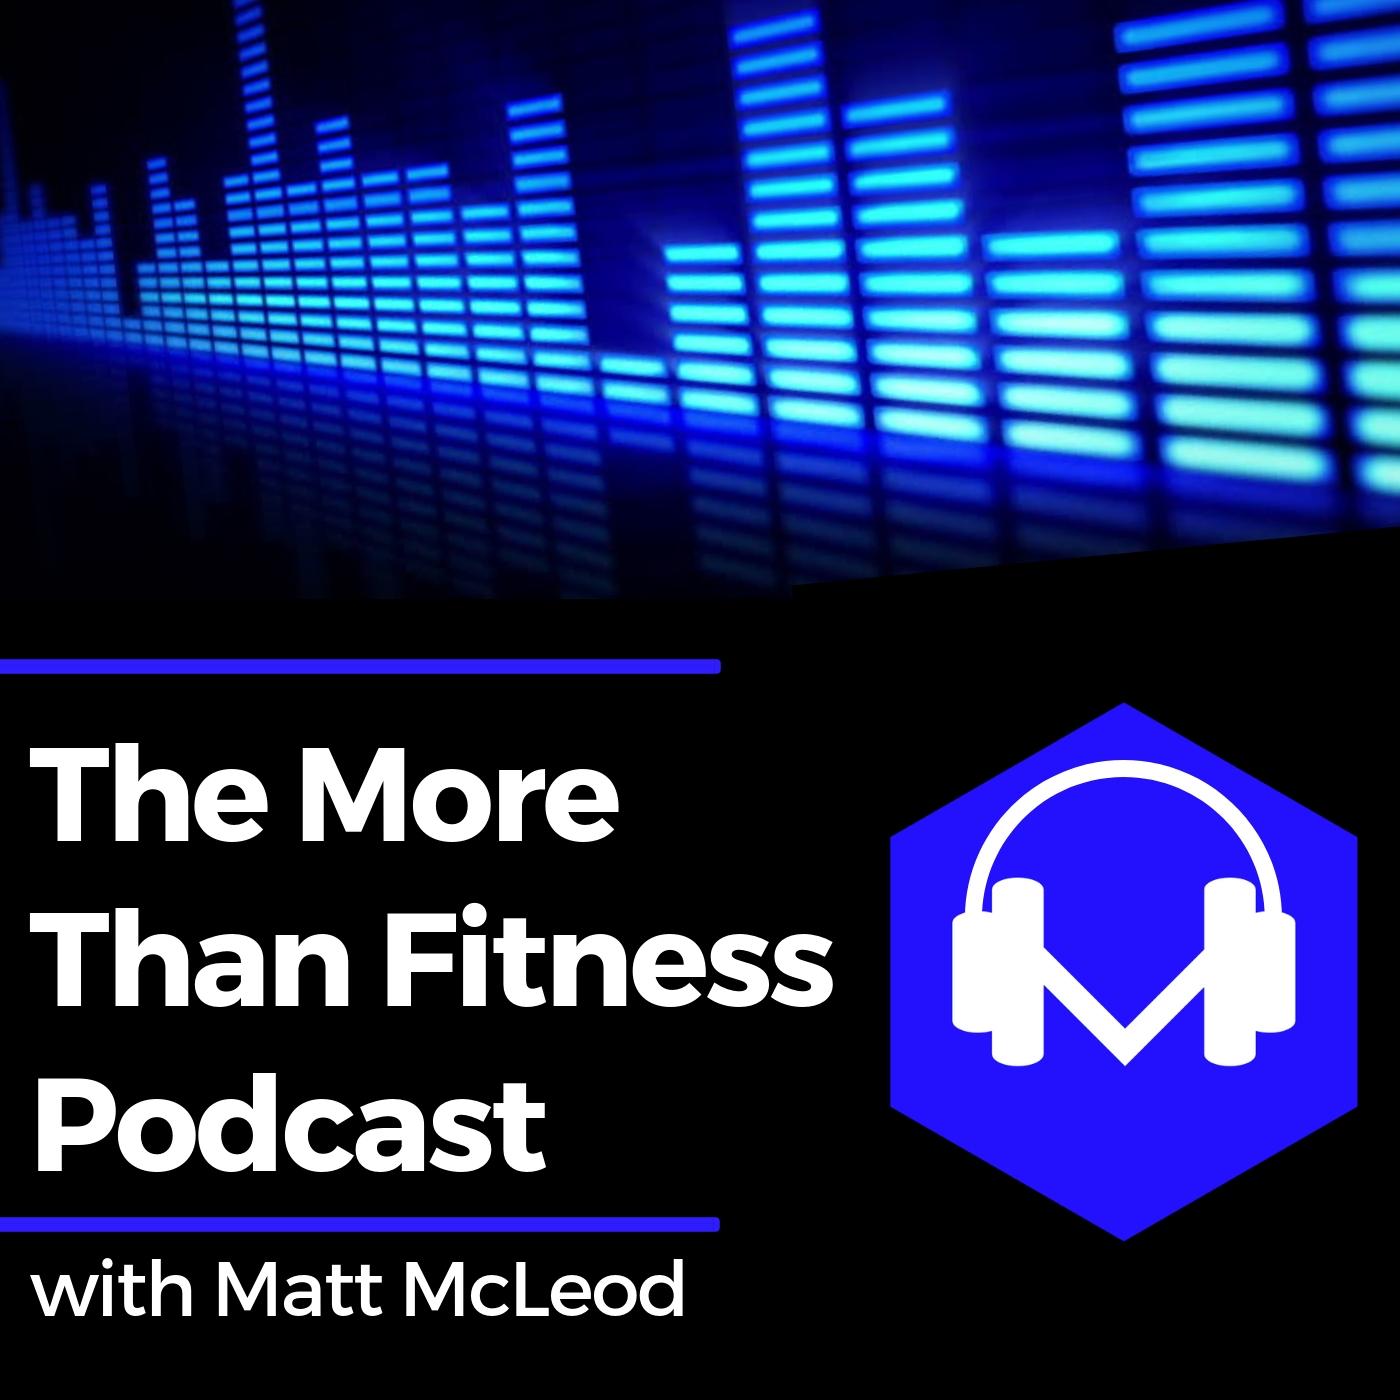 Podcast Cover-2.jpg